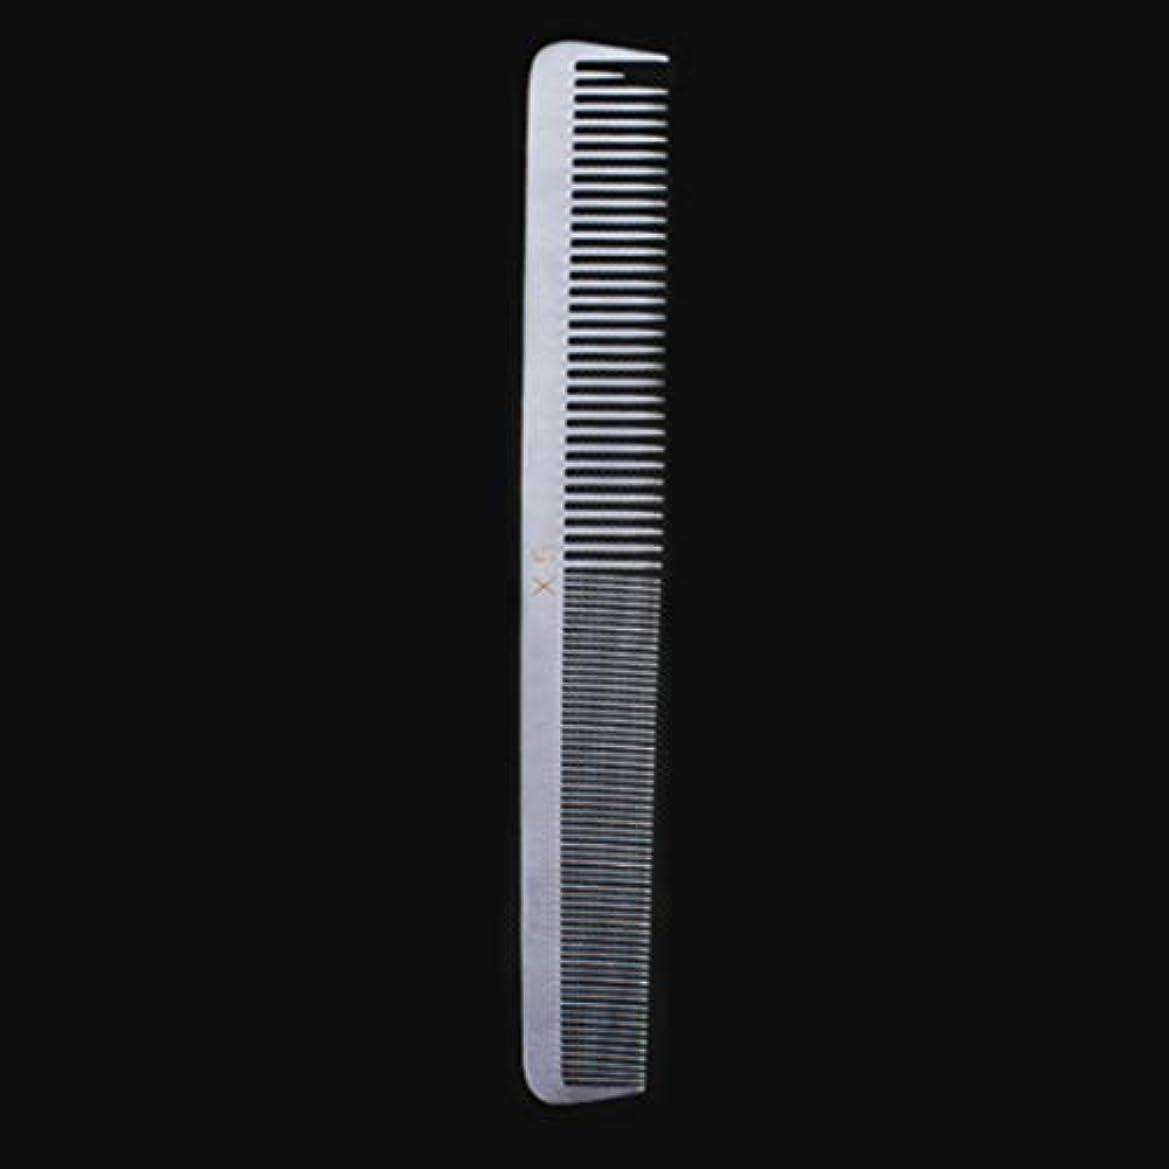 増強安定しました悪名高い特別な薄いステンレス鋼の毛の櫛、女性のための帯電防止櫛または人のための平らな毛との銀製の白さまざまな櫛 モデリングツール (サイズ : X5)